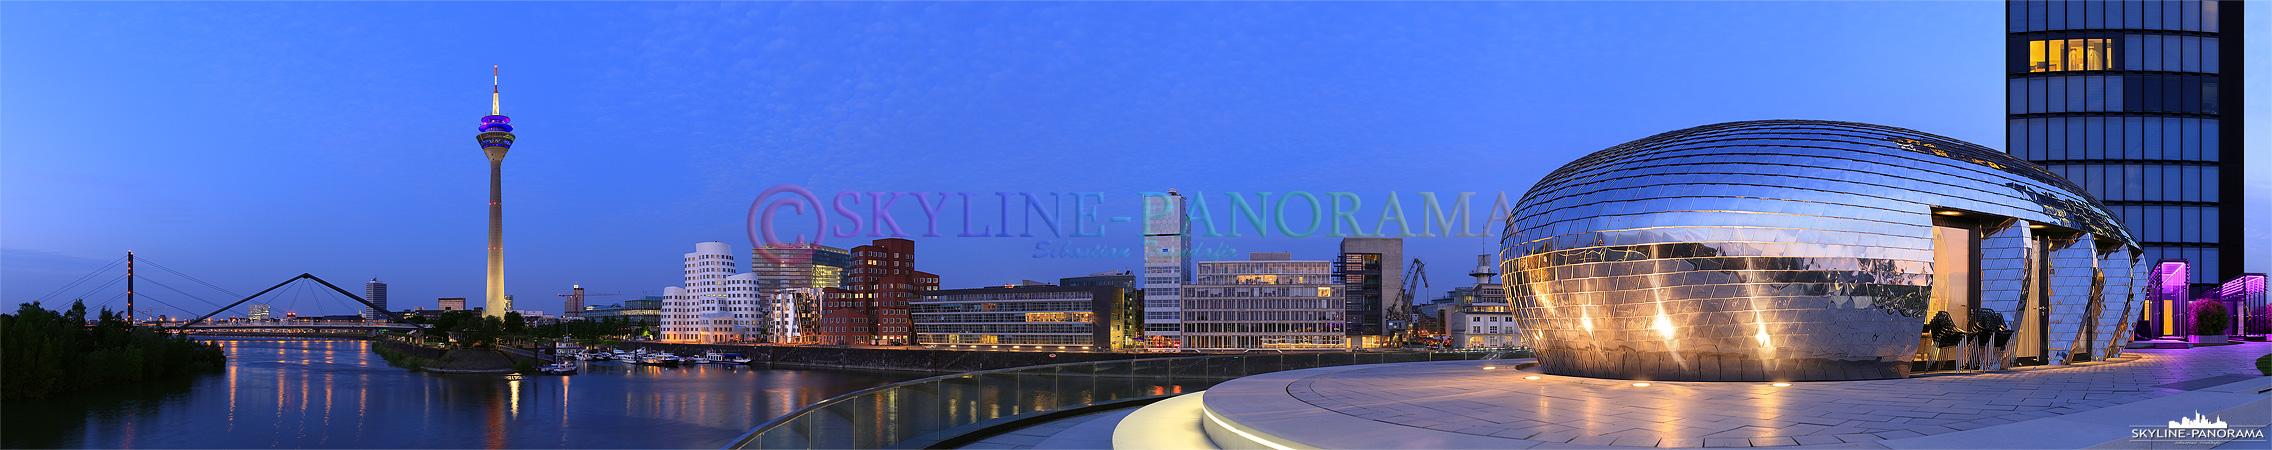 Bilder Düsseldorf – Das abendliche Panorama von der Landzunge am Hyatt auf den Düsseldorfer Mediahafen und den beleuchteten Rheinturm.